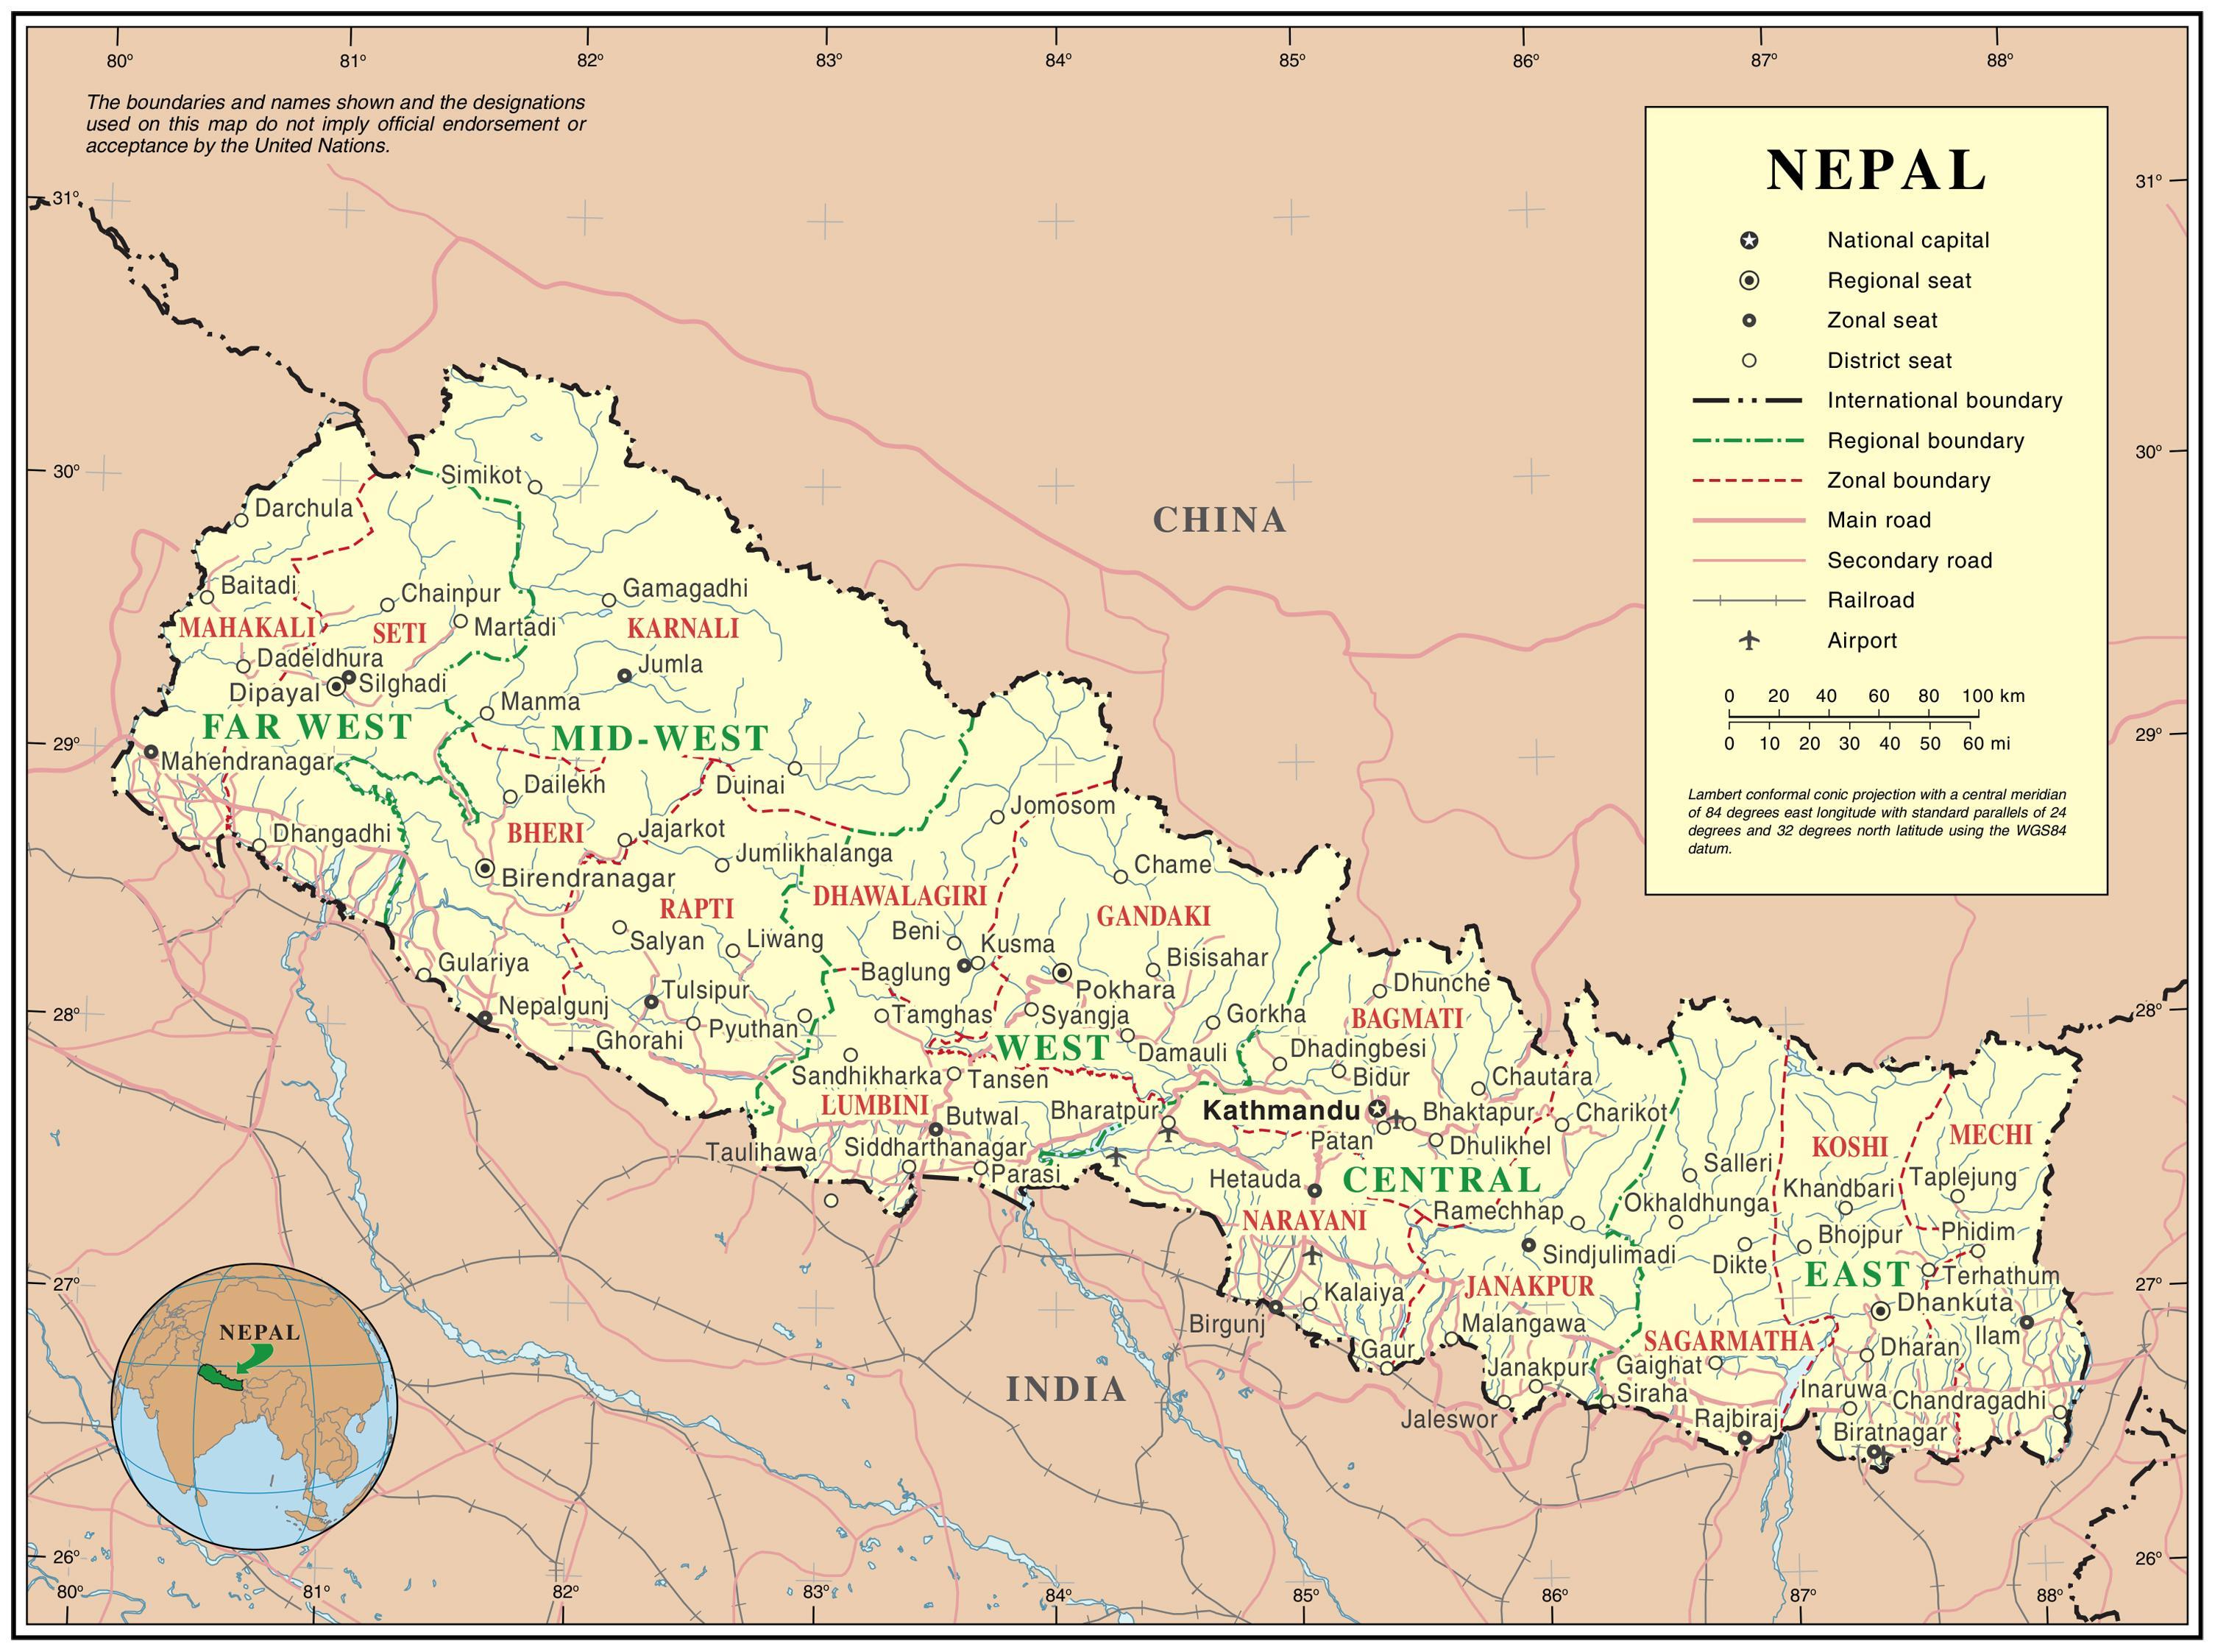 Cartina Dettagliata Del Nepal.Mappa Dettagliata Del Nepal La Mappa Online Del Nepal Sud Est